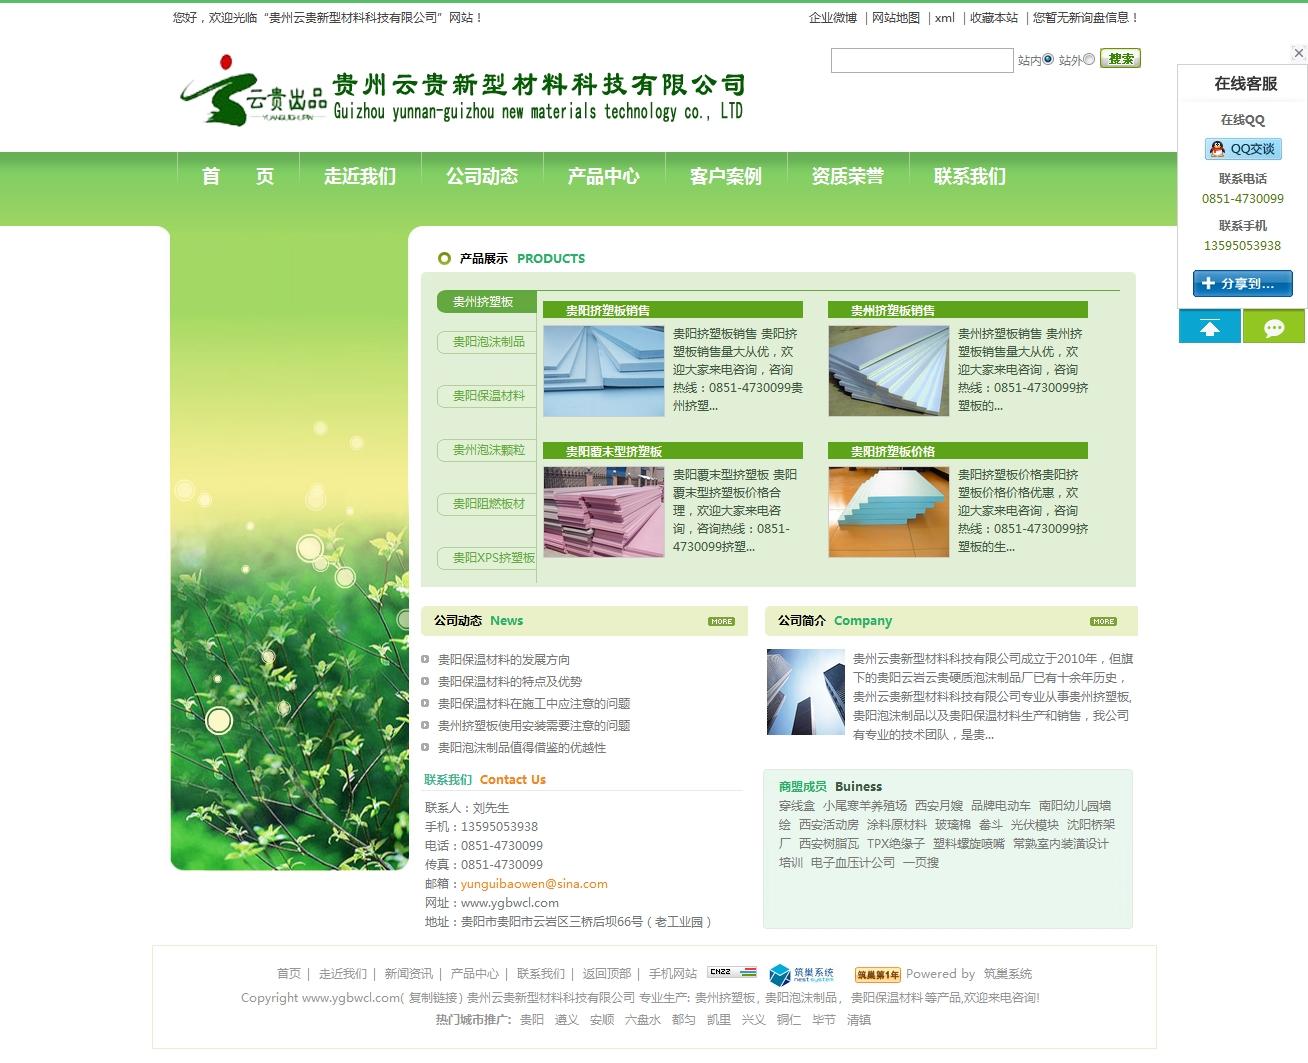 贵州云贵新型材料科技有限公司